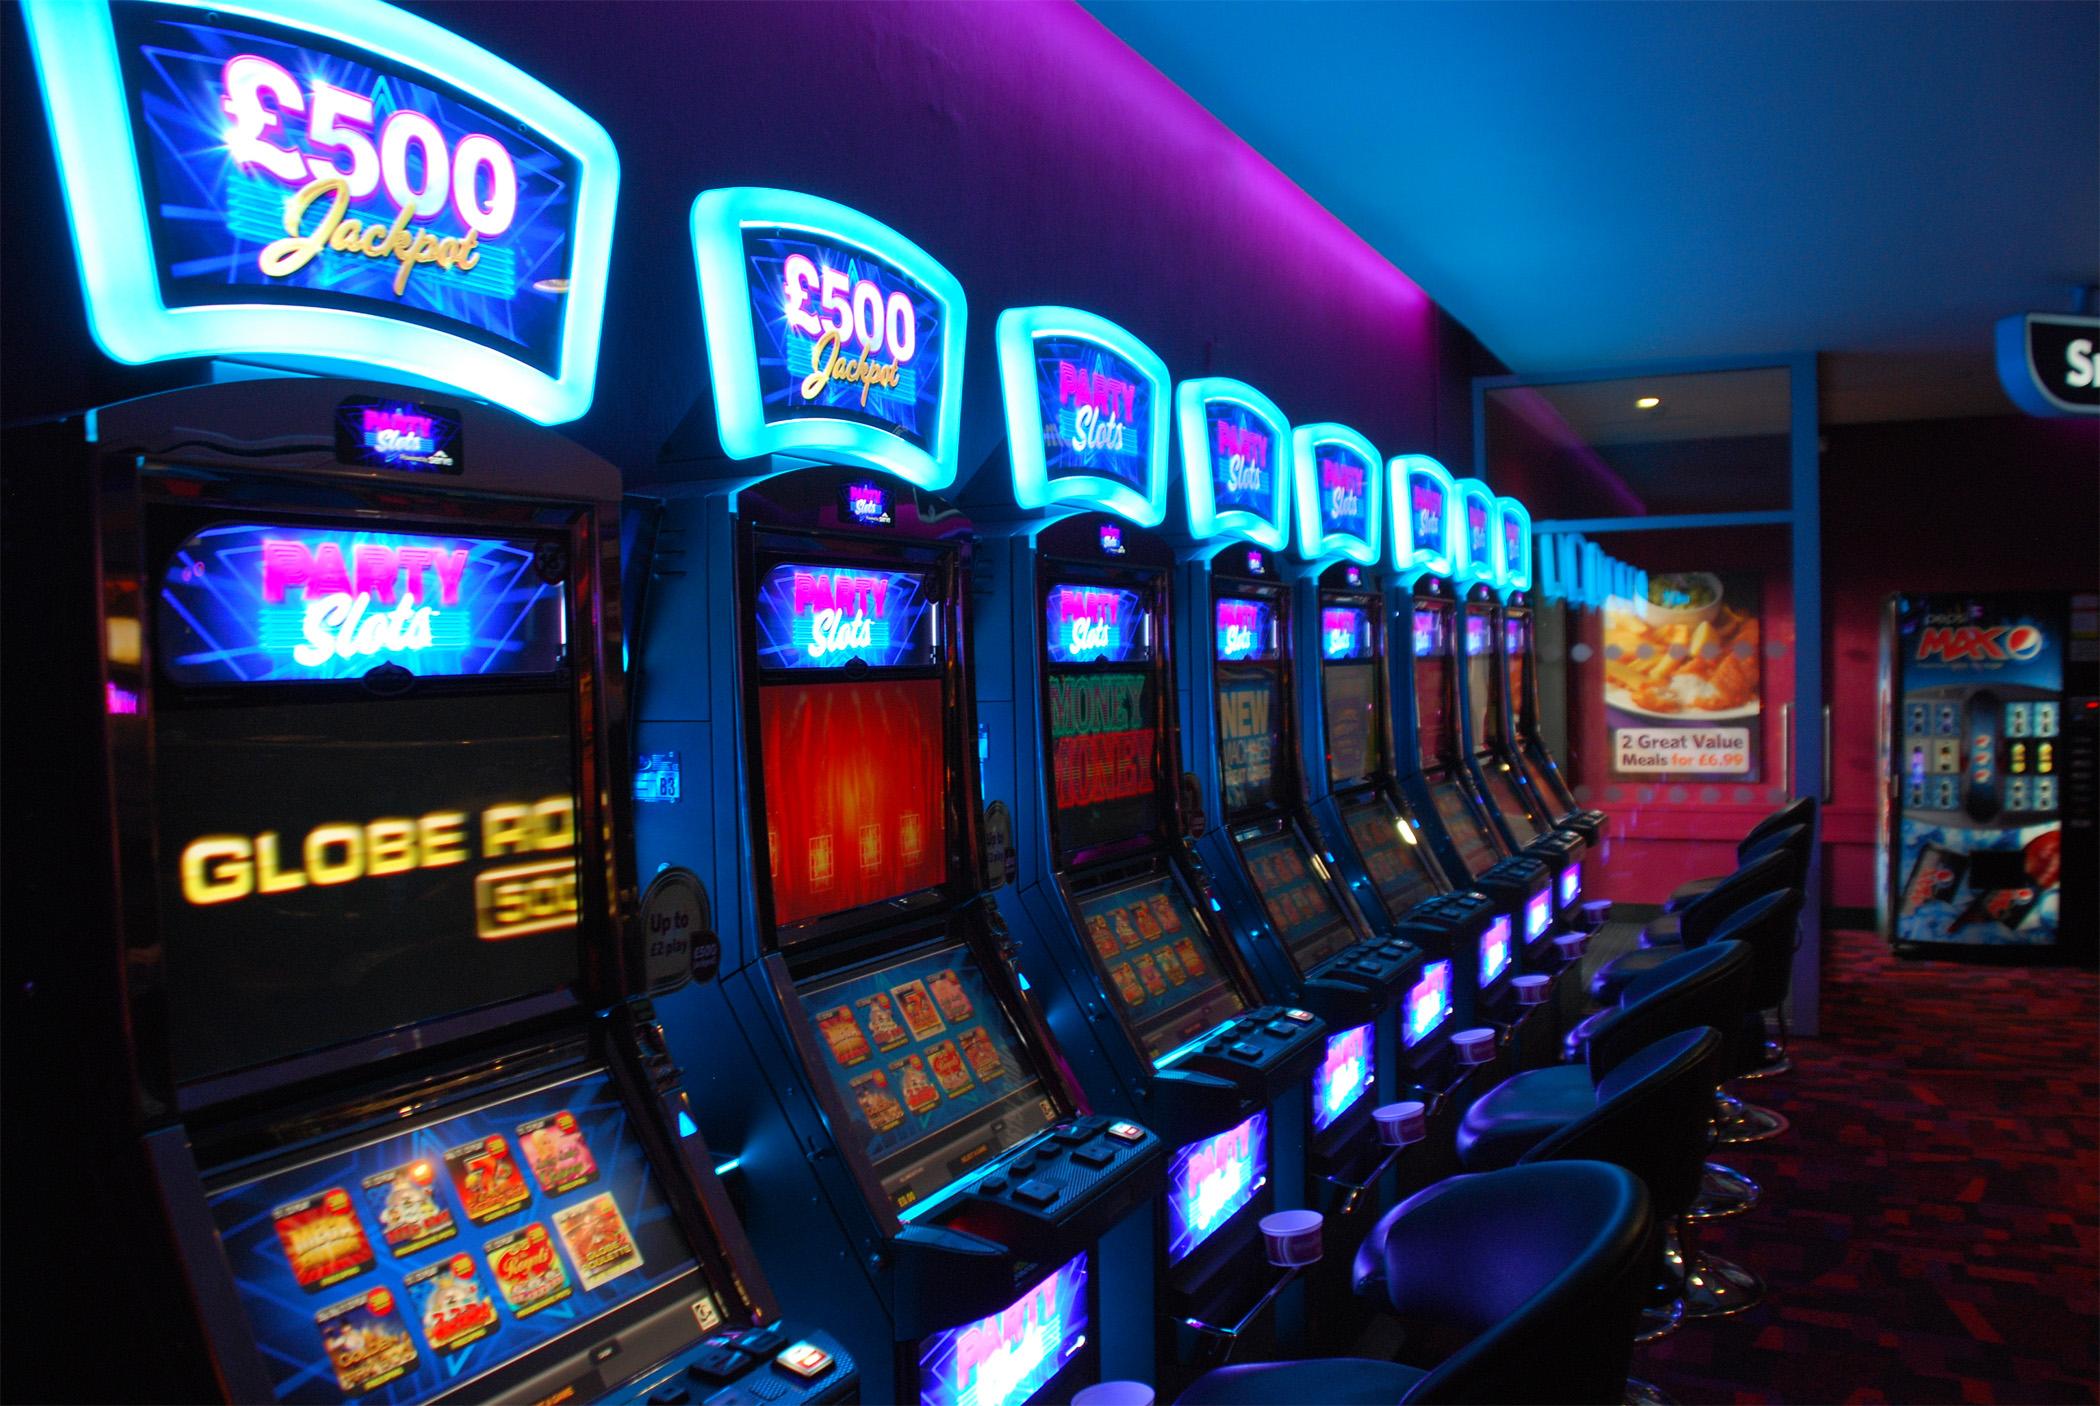 Mecca casino ver casino royale hd online